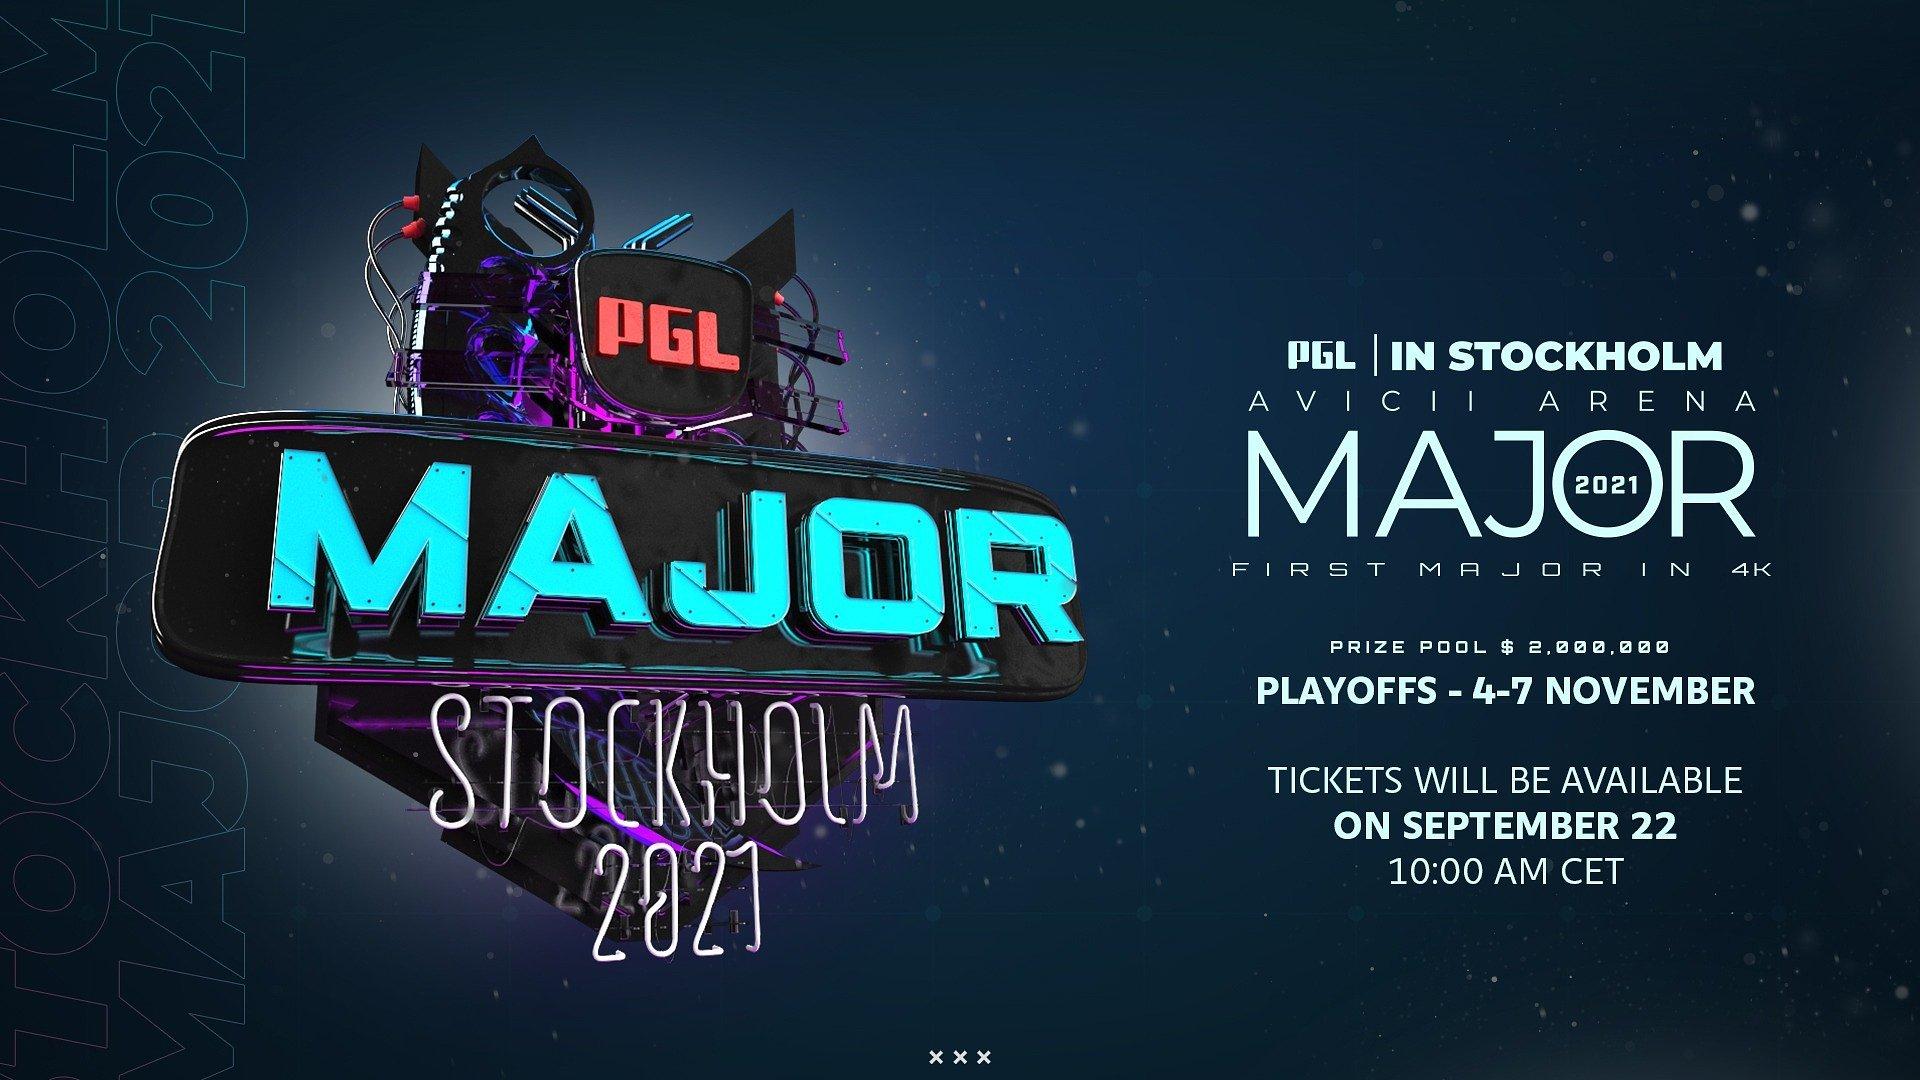 Keuze voor broadcasters PGL Stockholm zorgt voor veel kritiek